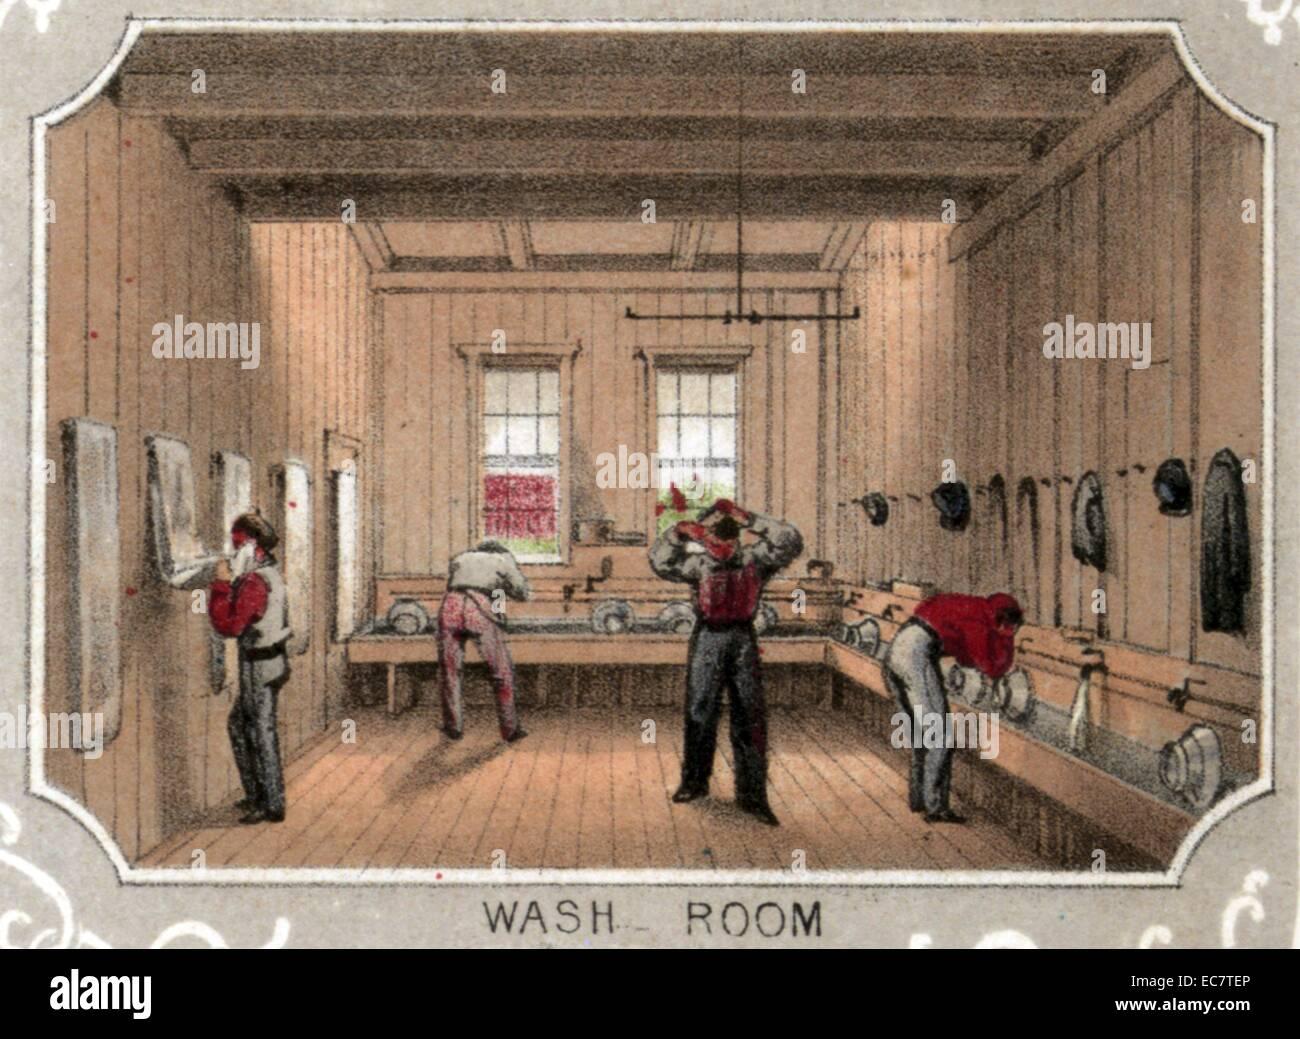 Les patients salle de bains dans l'hôpital bénévole des citoyens, à l'angle de la rue Photo Stock